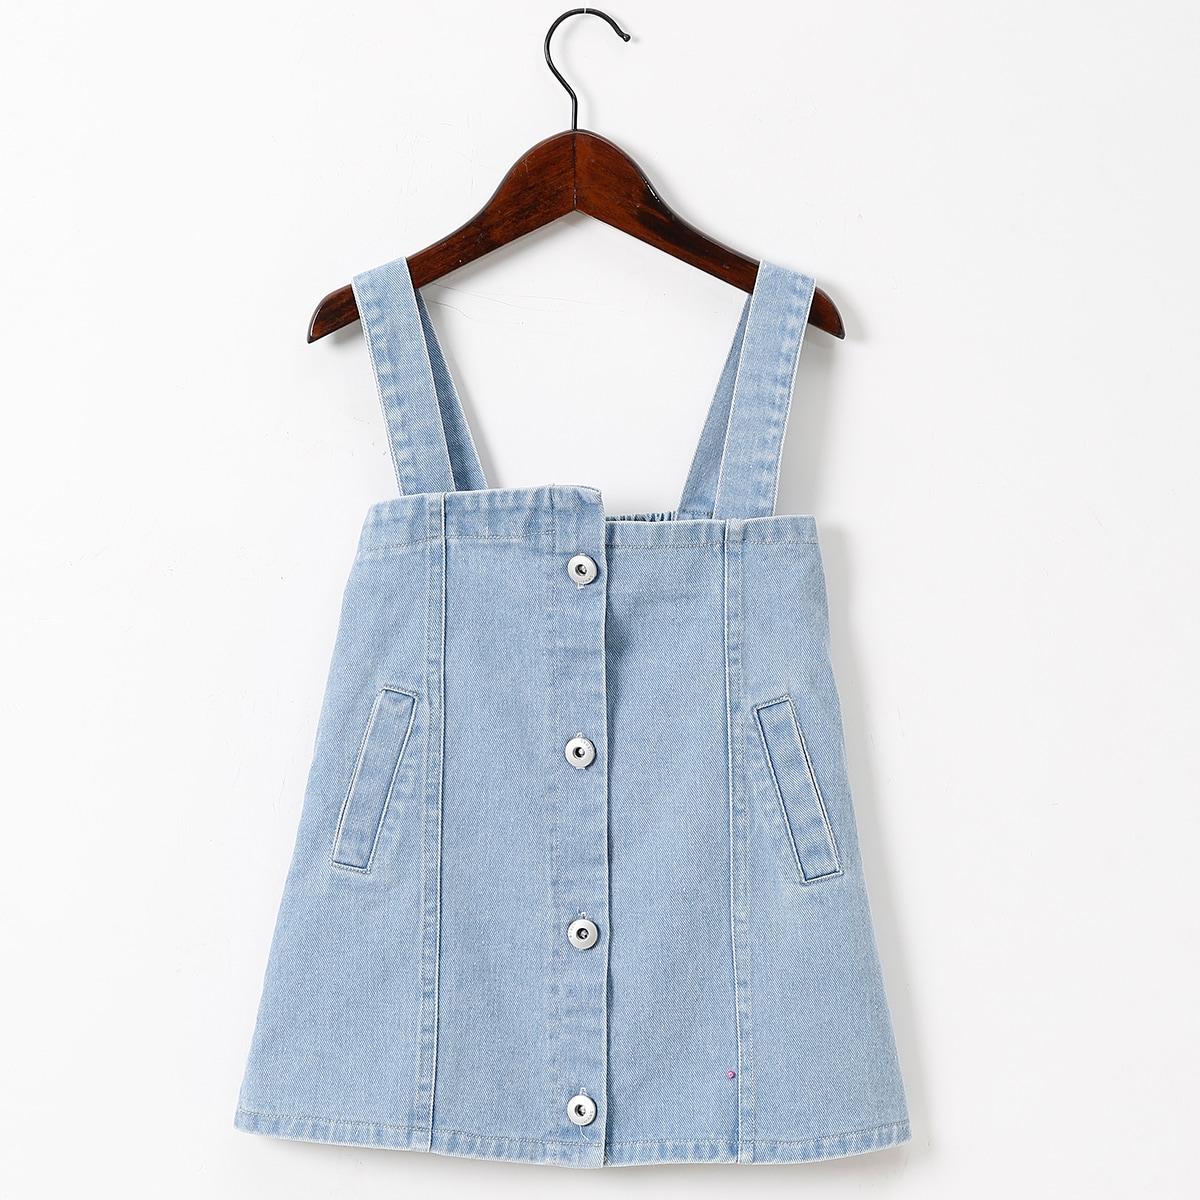 для девочек на пуговицах Джинсовый комбинезон Платье SheIn skdress25210517556